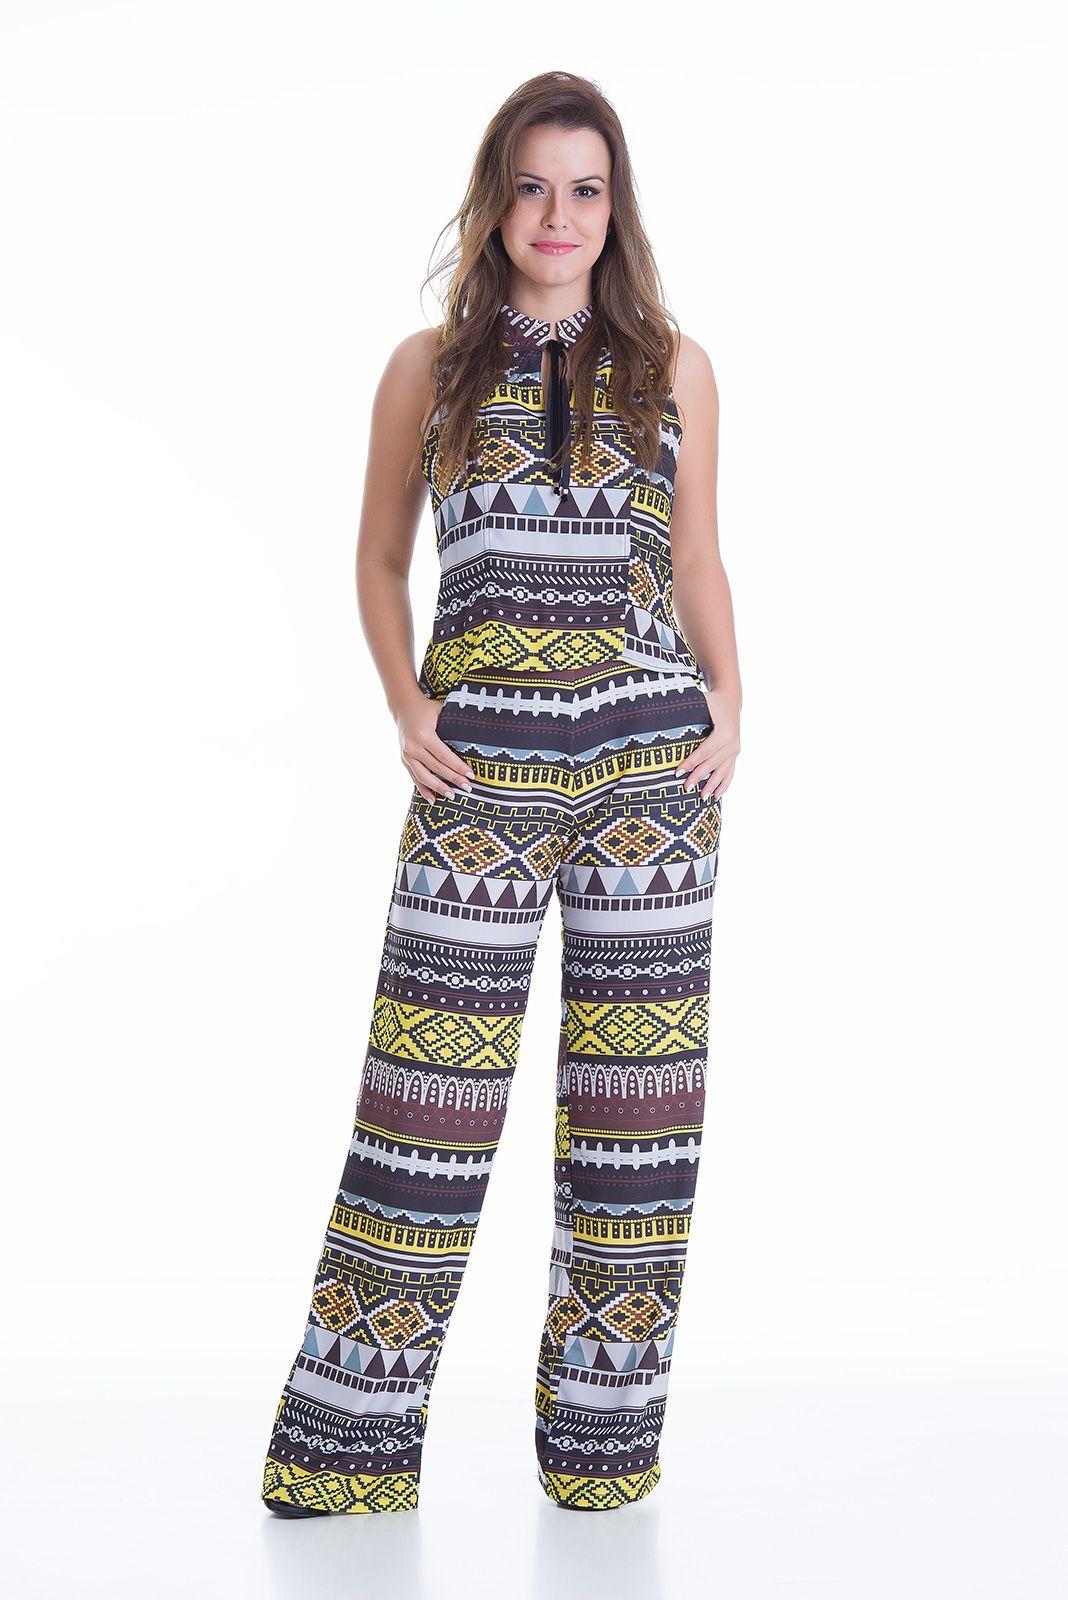 eed6b777f Estampas · Feminino · Conjunto estampado calça e blusa. Macacões Longos,  Blusinha Estampada, Macacão Curto, Macacão